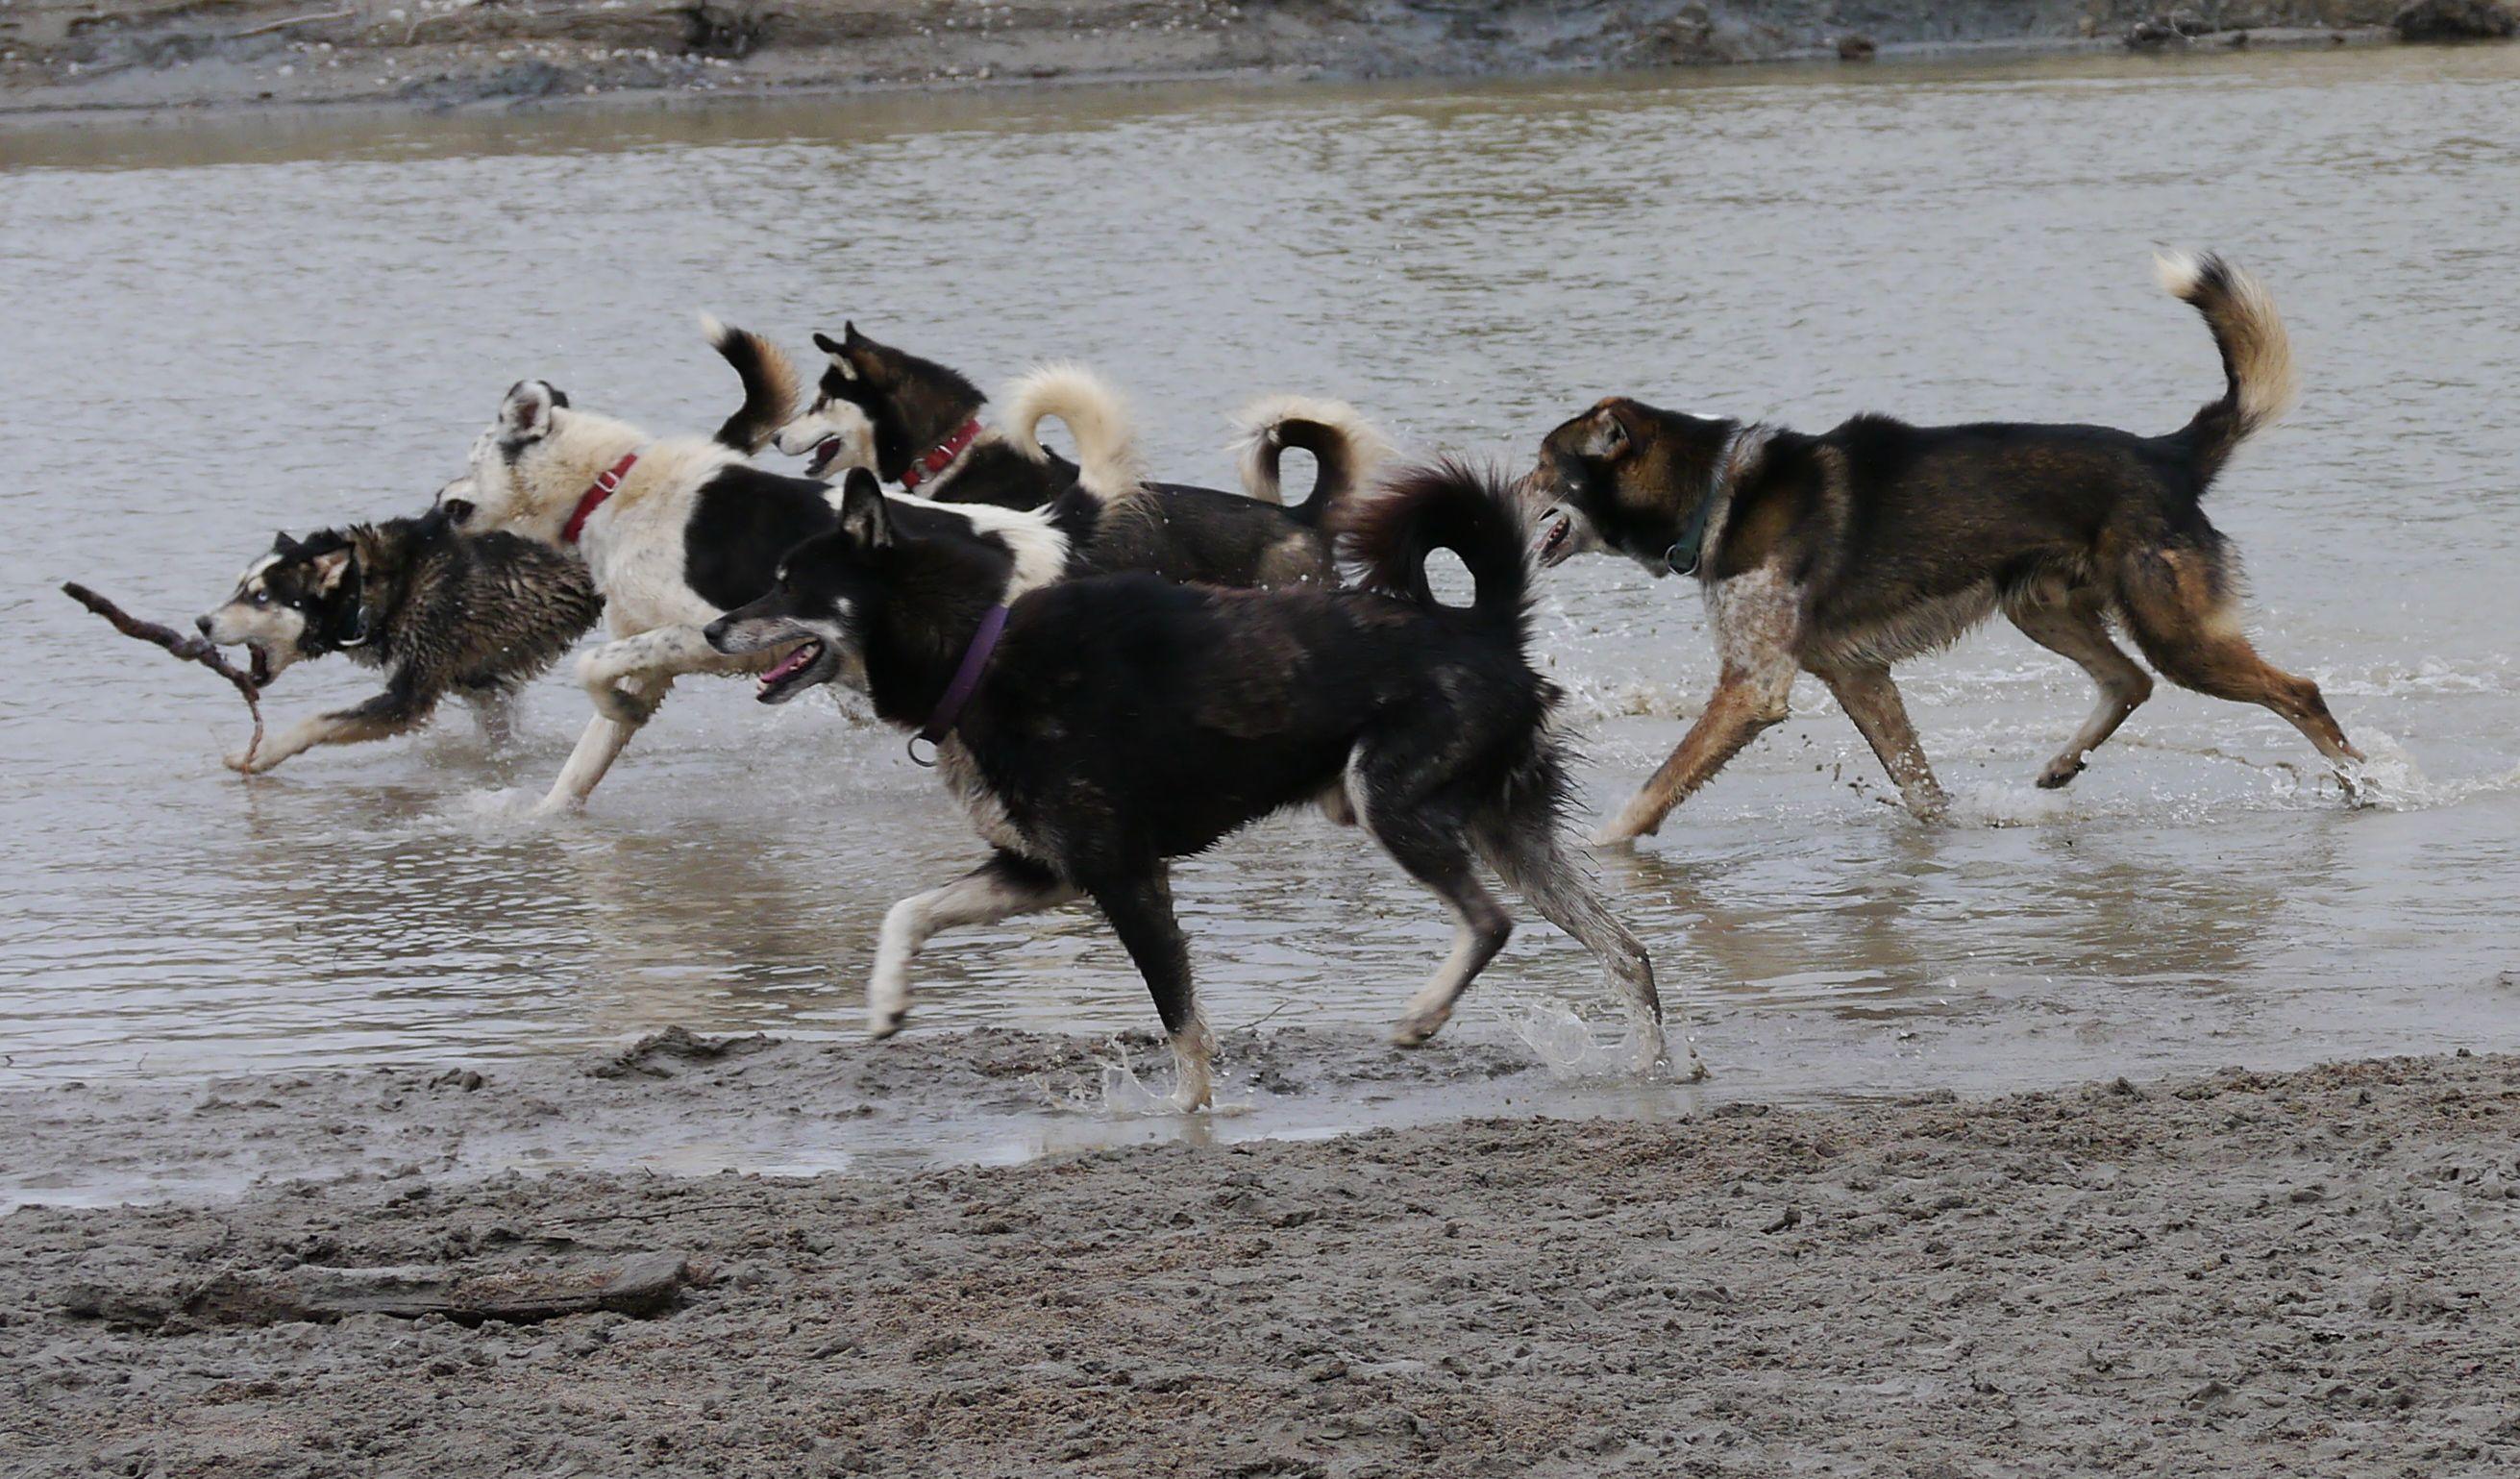 Takhini River play Time